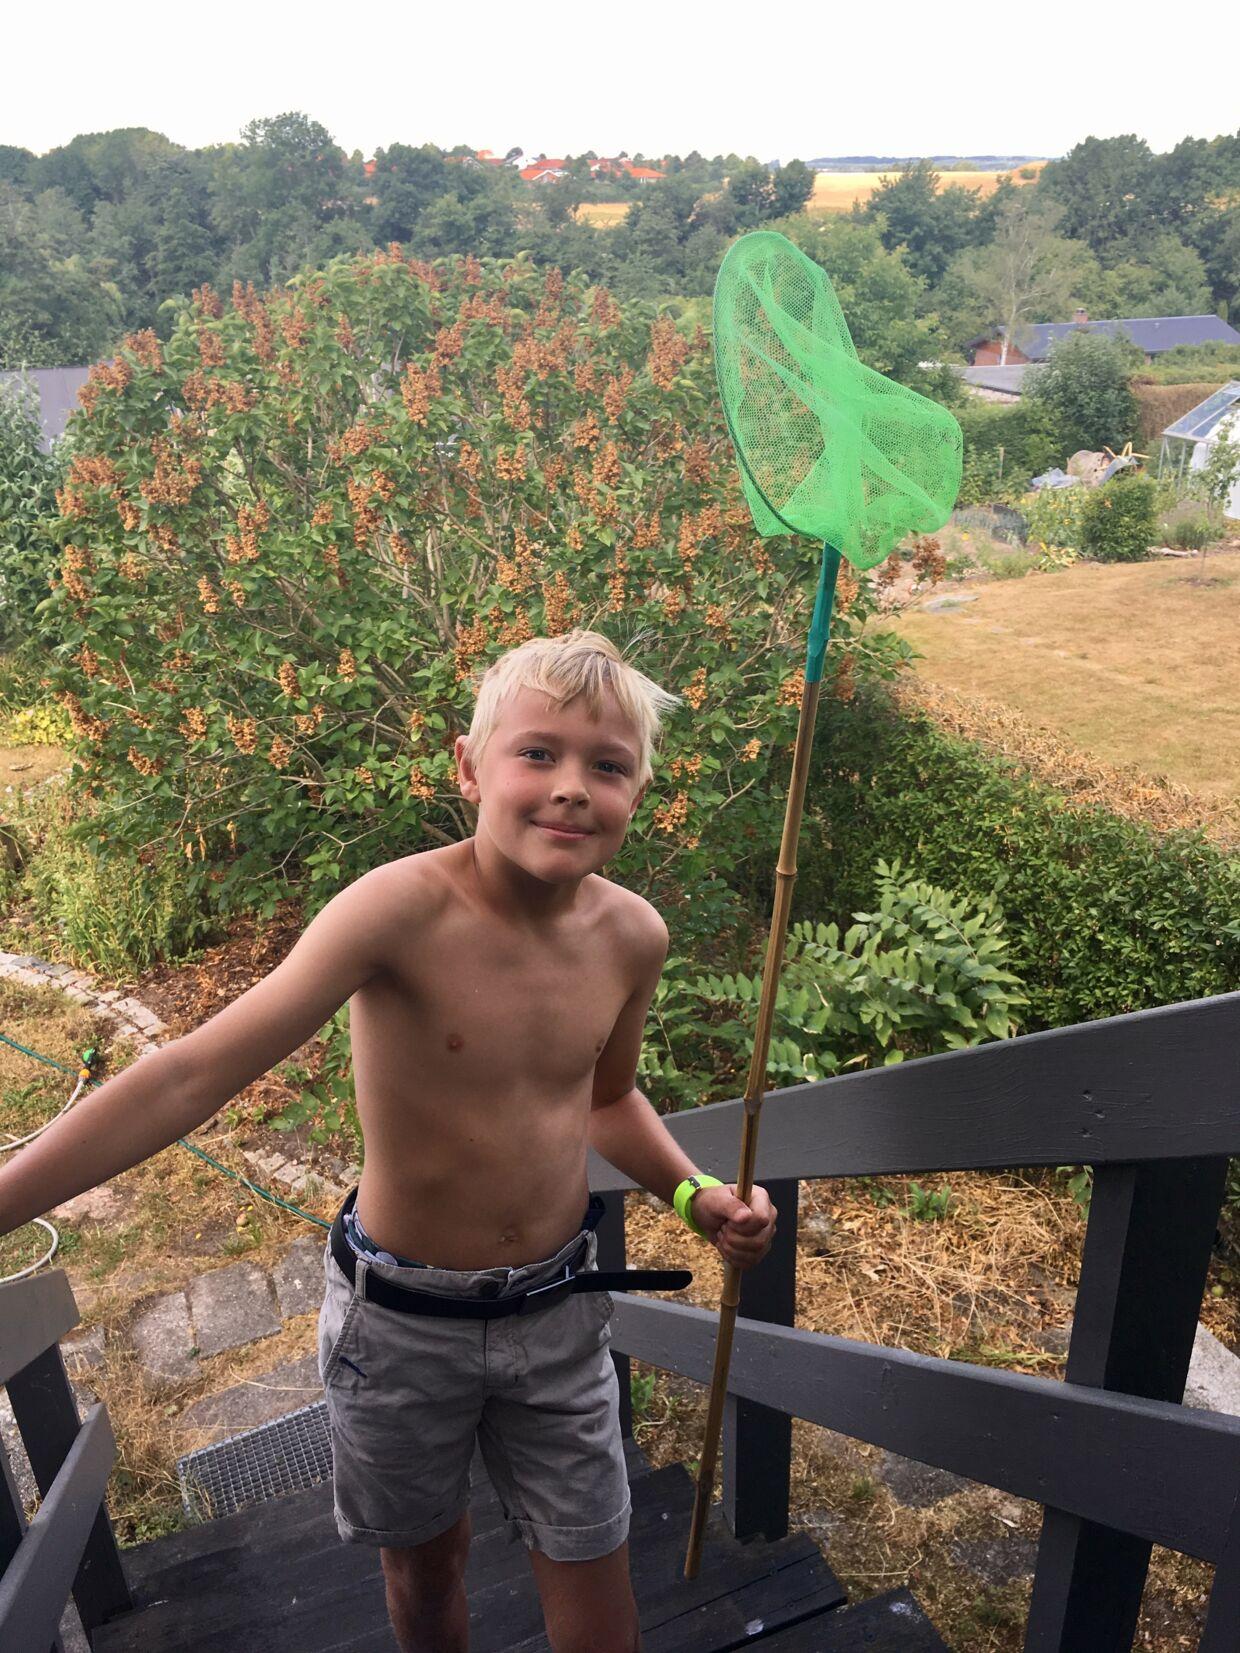 Bjarne Rasmussens søn Laurits på ni år var hurtig til at finde sit net frem, da hugormen skulle fanges.